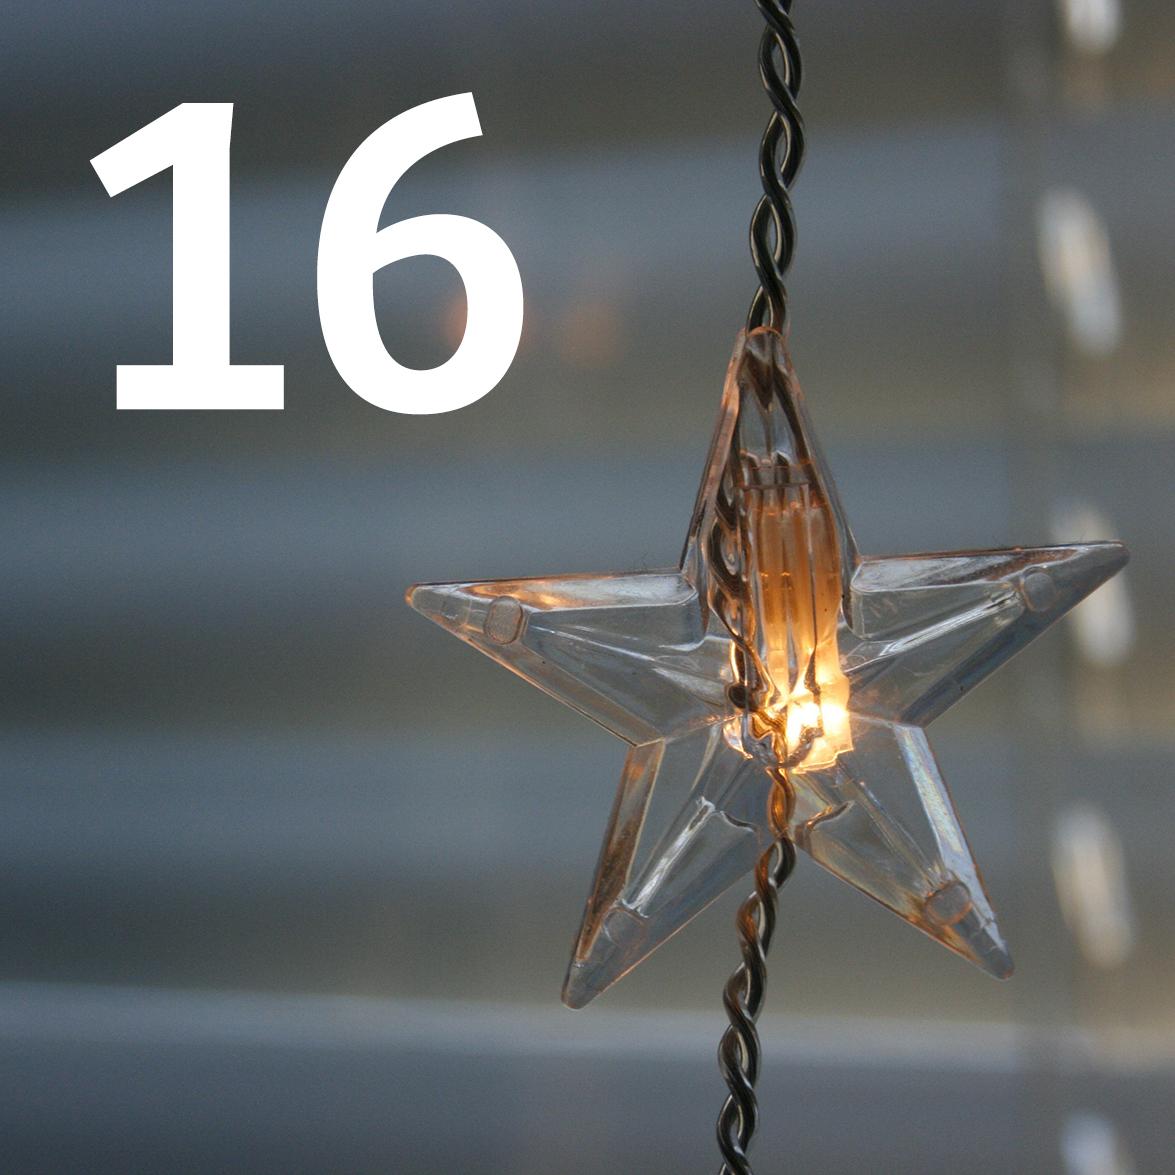 door-70-woorden 14 december